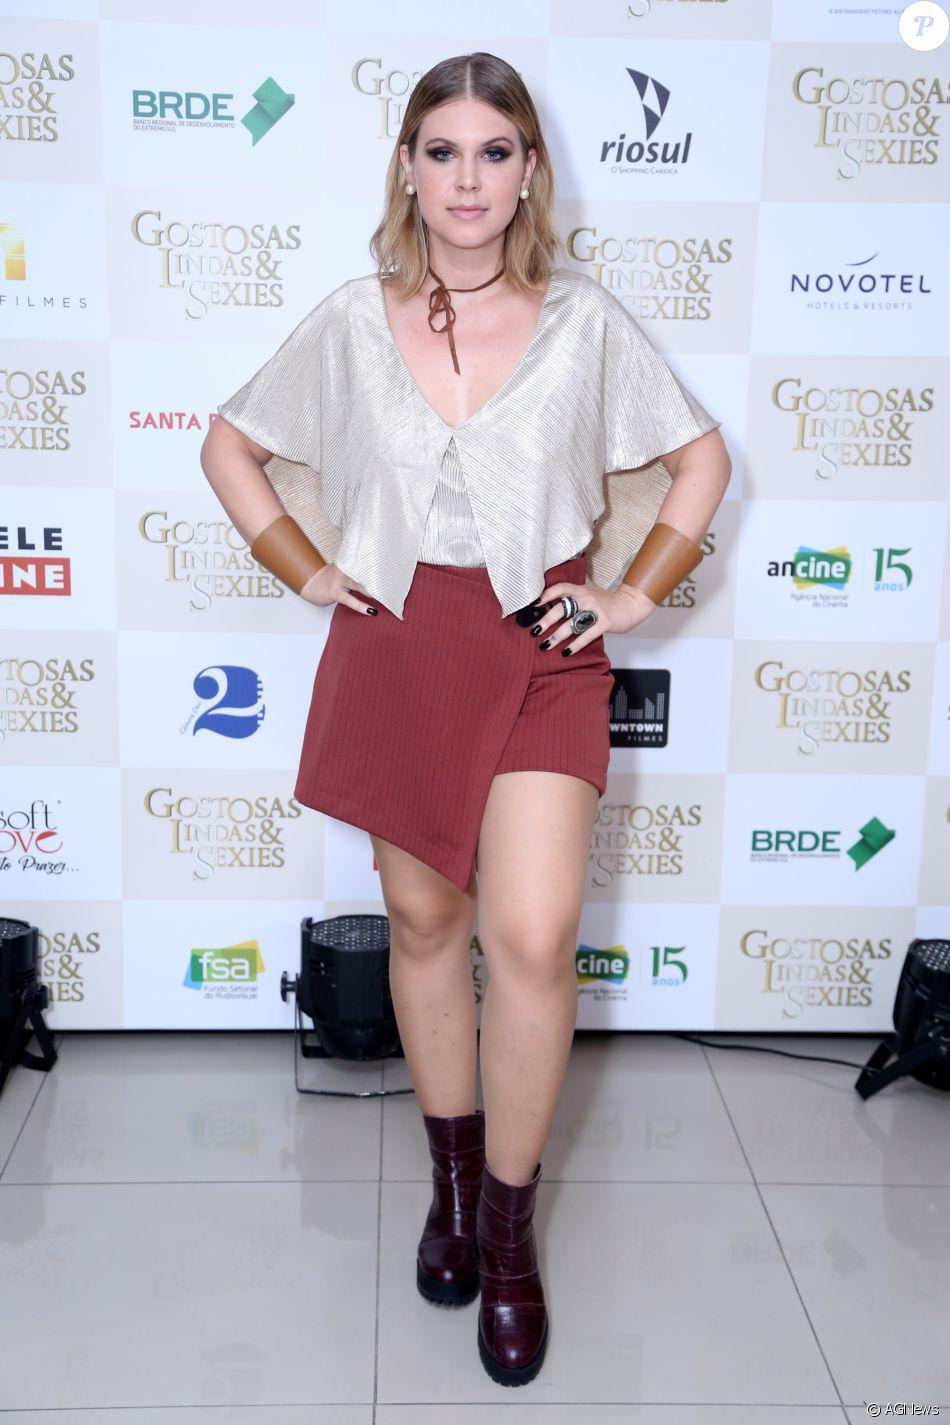 Carolinie Figueiredo assegurou ao postar foto de biquíni: 'Verão, né? Cansei de me esconder embaixo de roupa!!!! Alguém mais nessa vibe?'